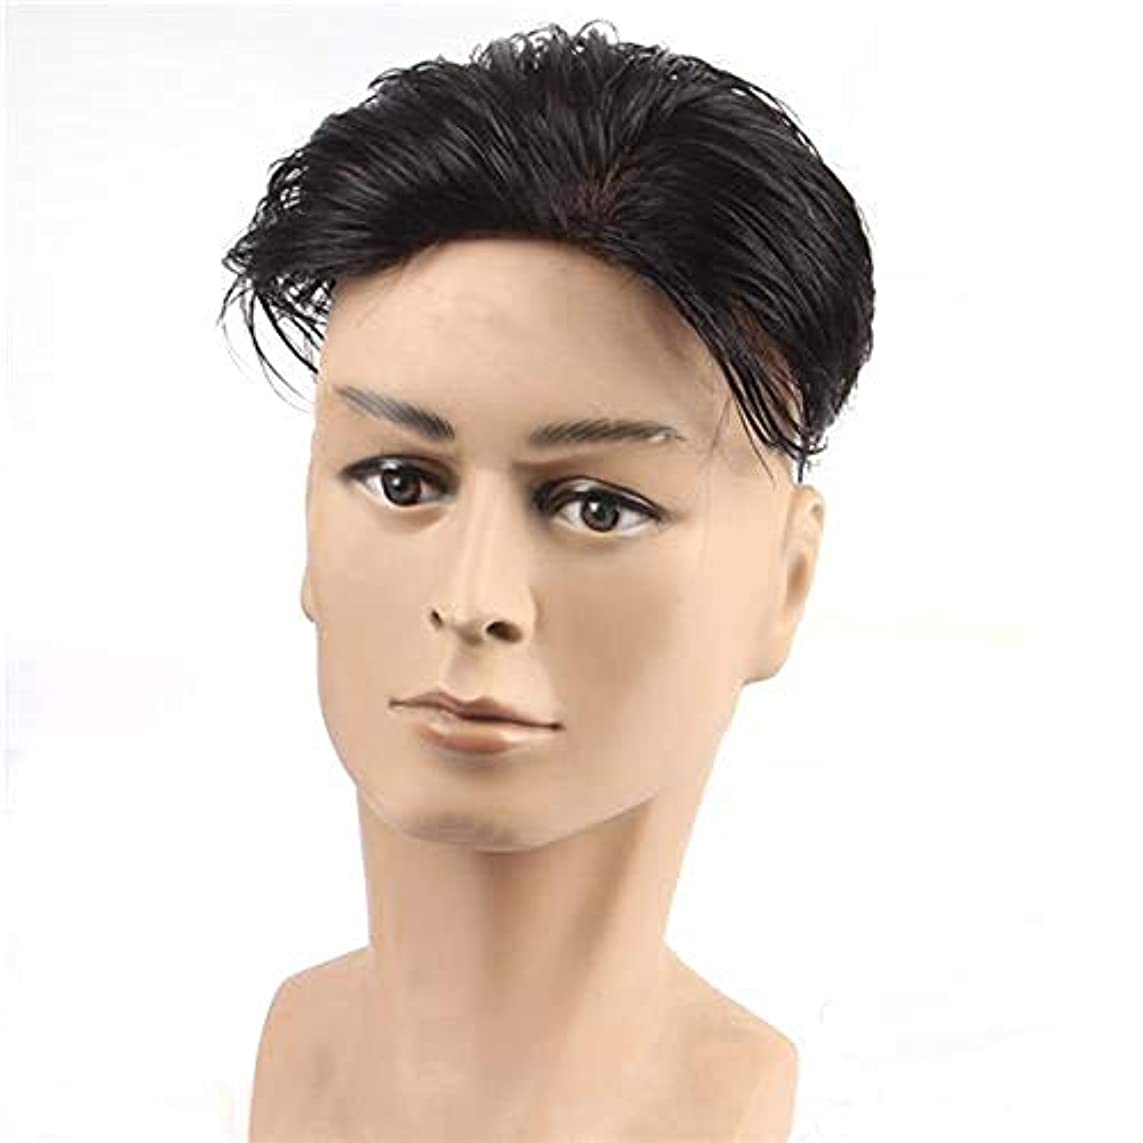 骨の折れる灰本体YOUQIU 黒人男性ガイショートレイヤーカーリー波状のアニメのコスプレパーティーの髪カツラウィッグ (色 : Natural black, サイズ : 18x20)